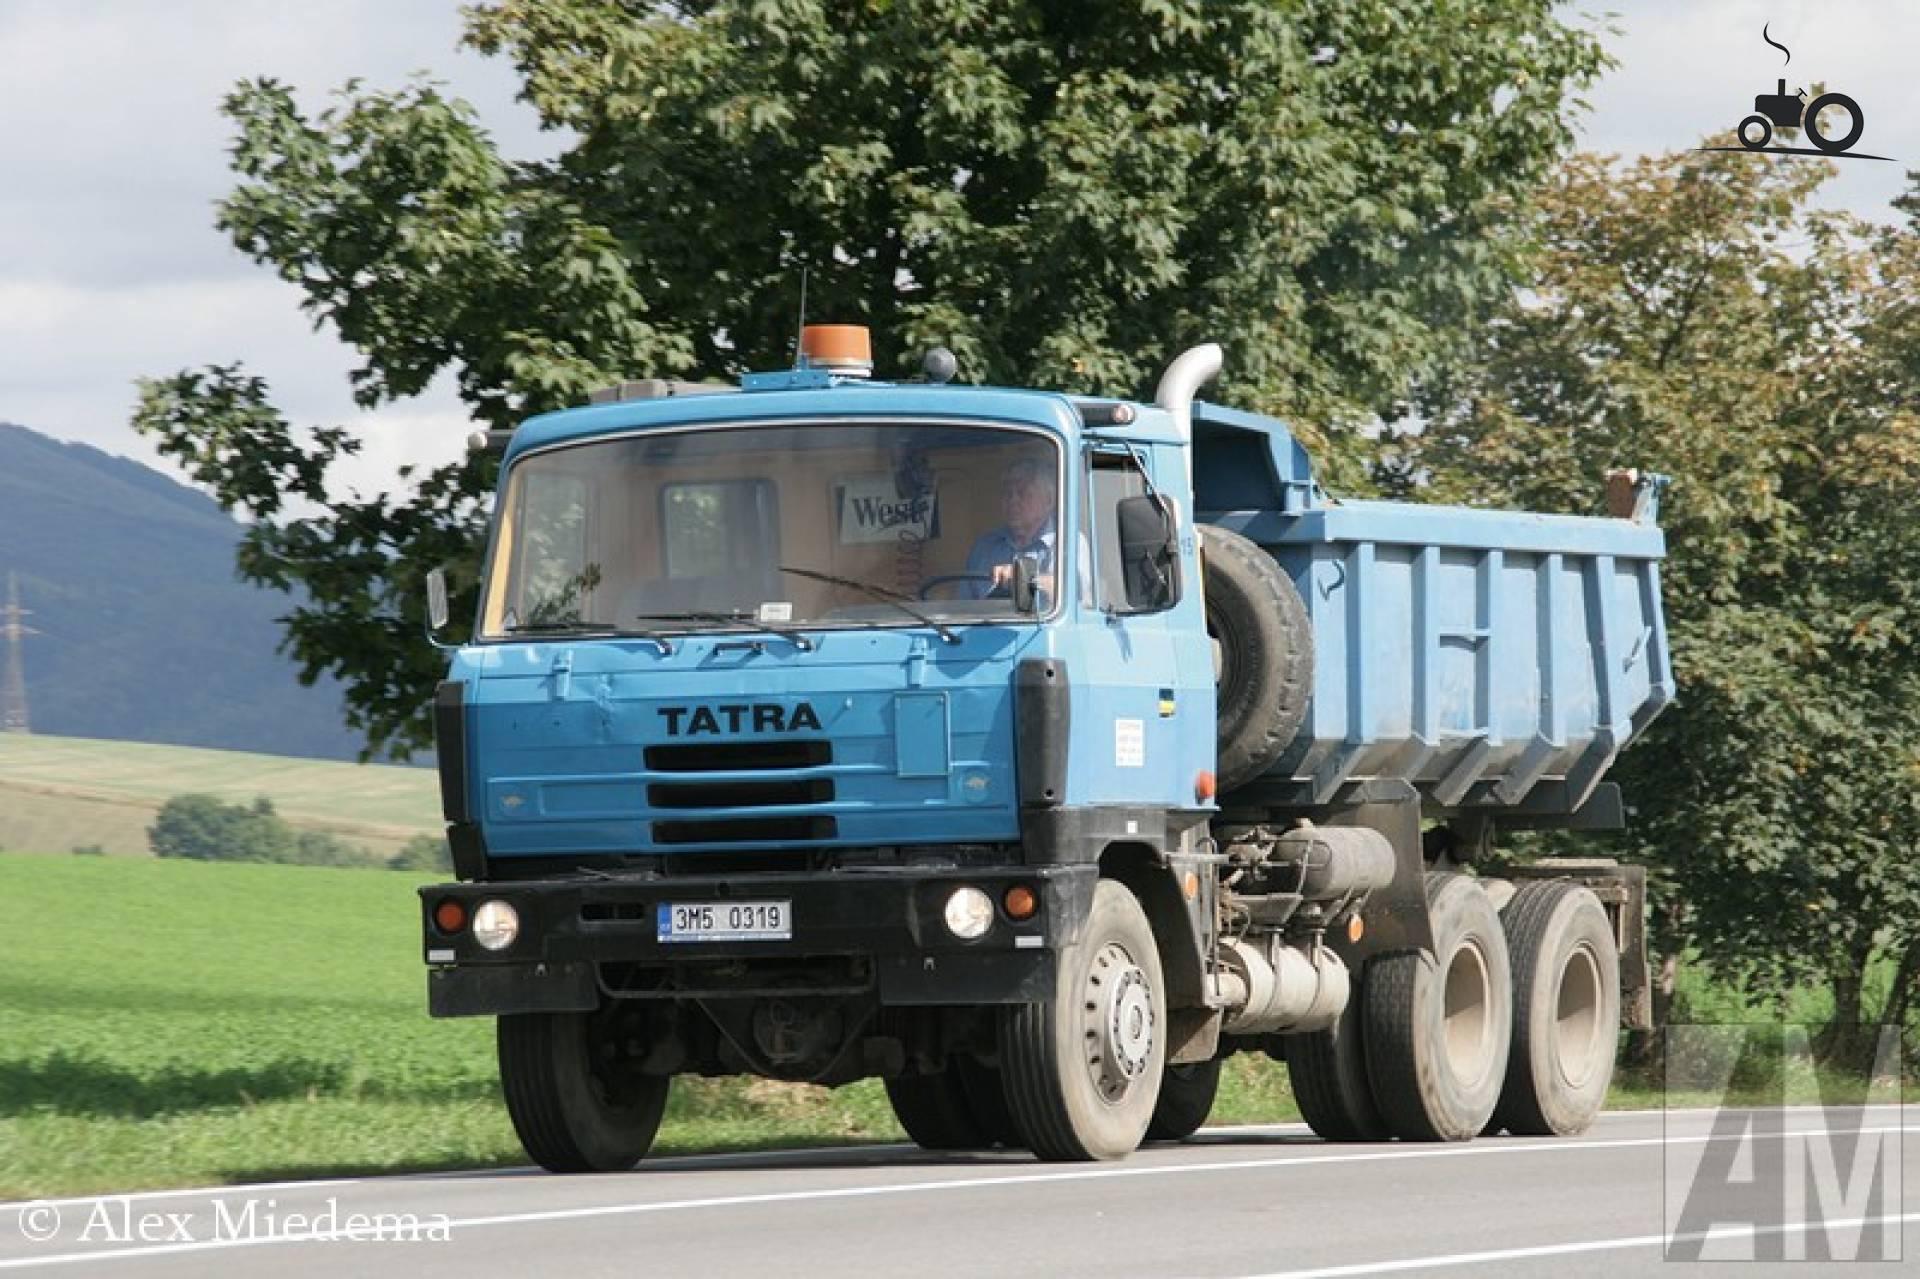 Tatra T815